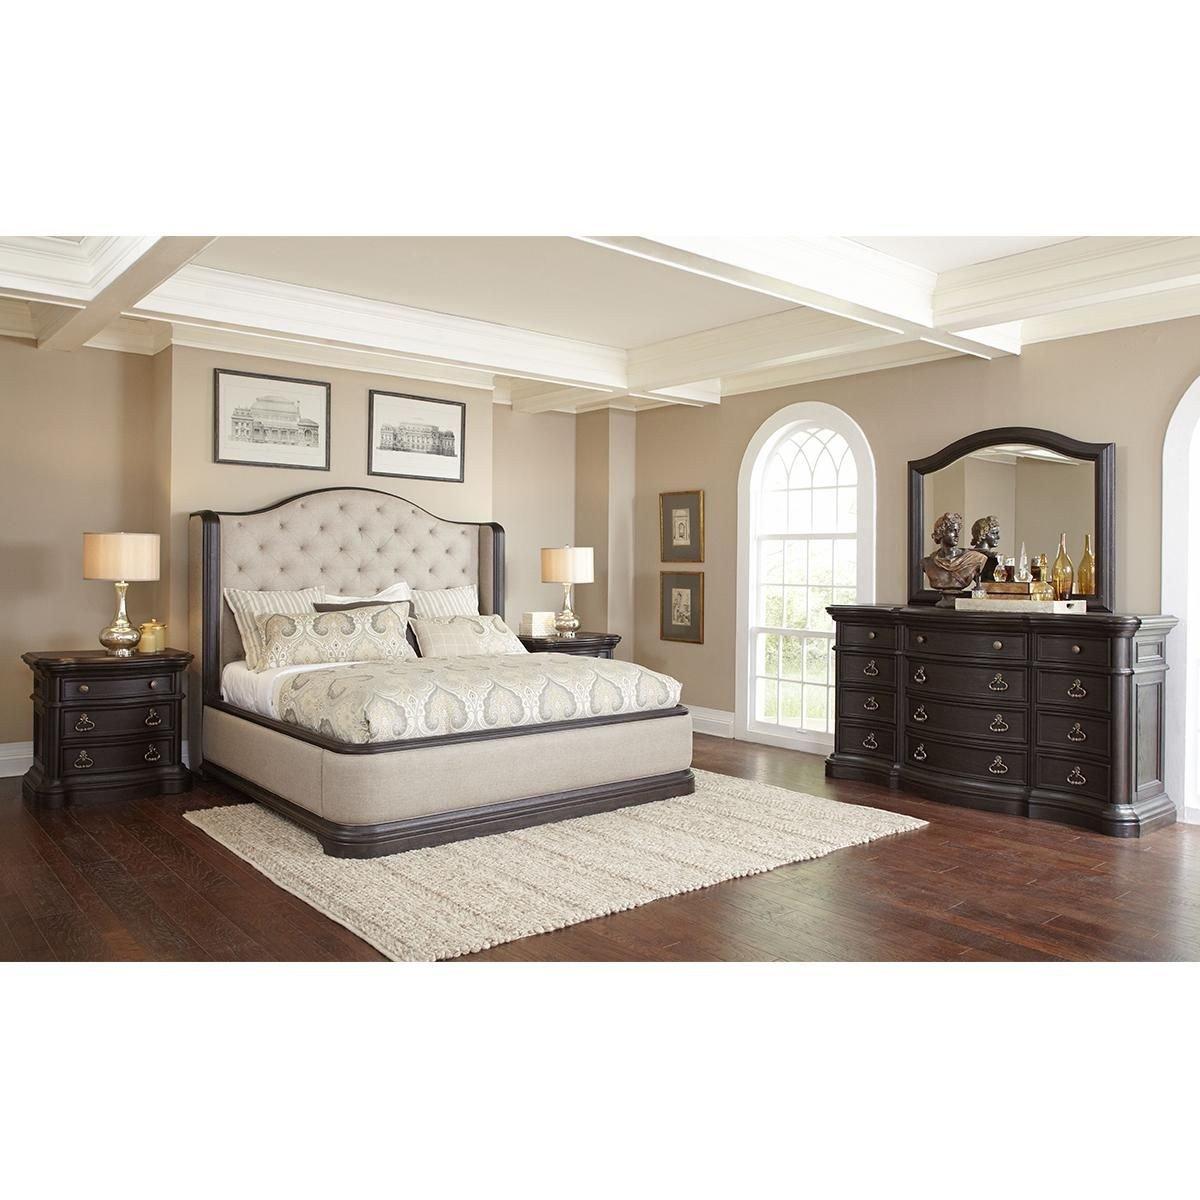 Nebraska Furniture Mart Bedroom Set Unique Nineteen37 Ravena 4 Piece King Bedroom Set In Root Beer